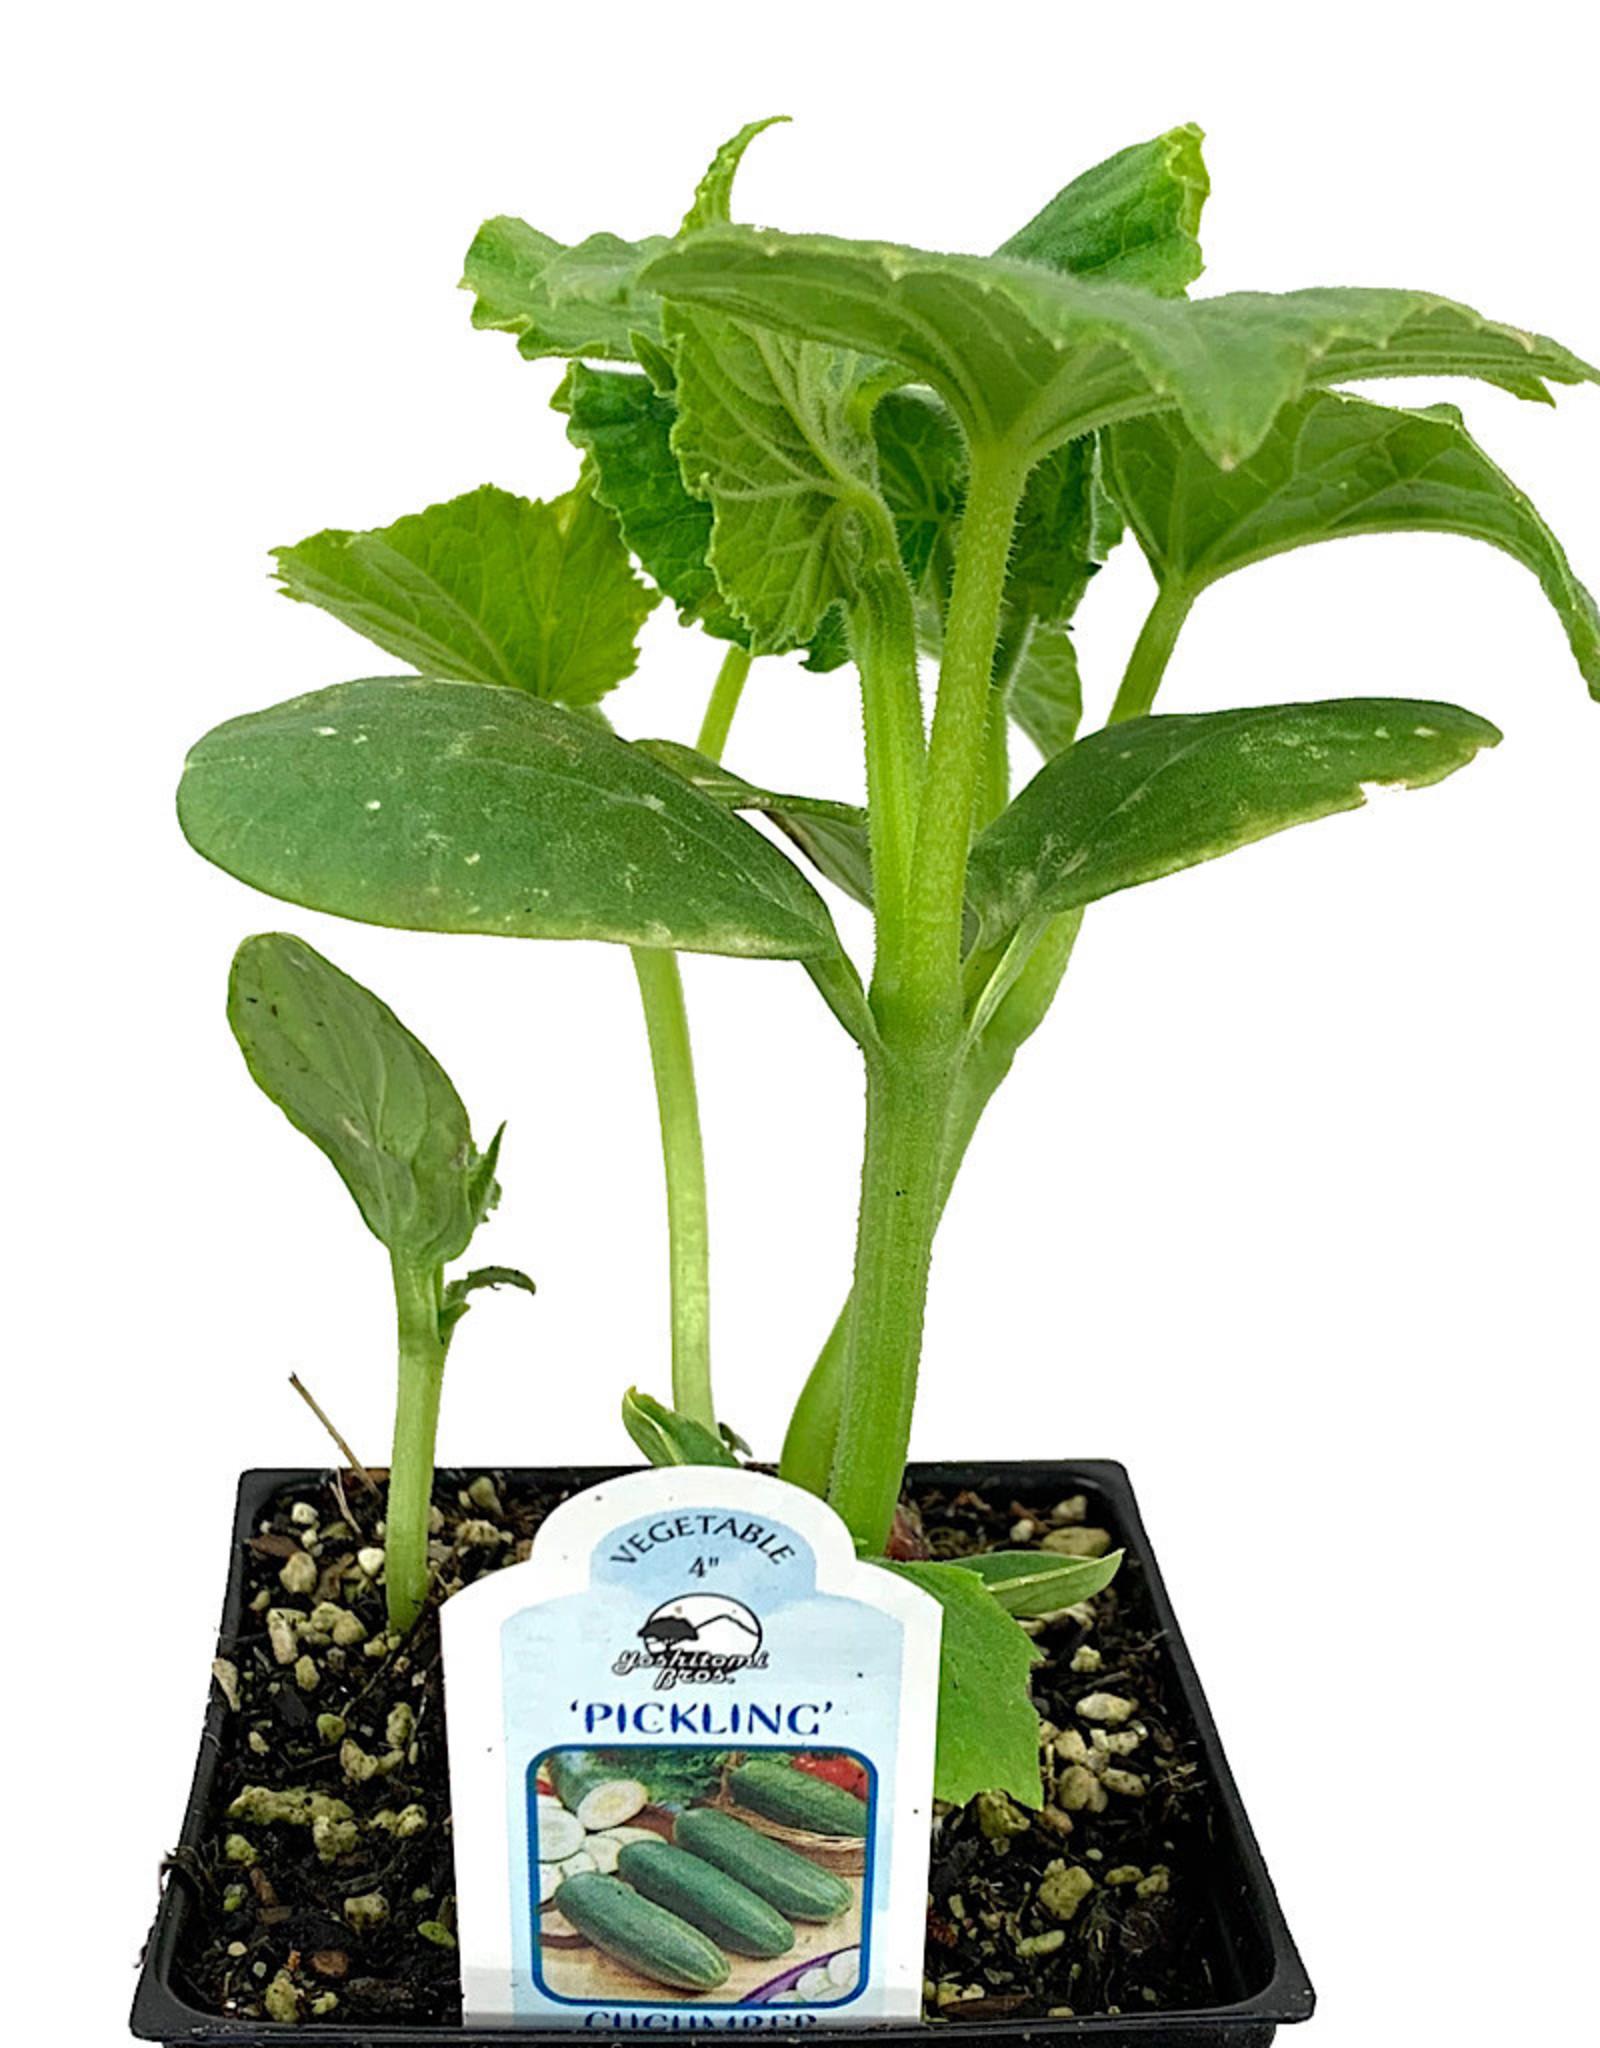 Cucumber 'Pickling' 4 Inch